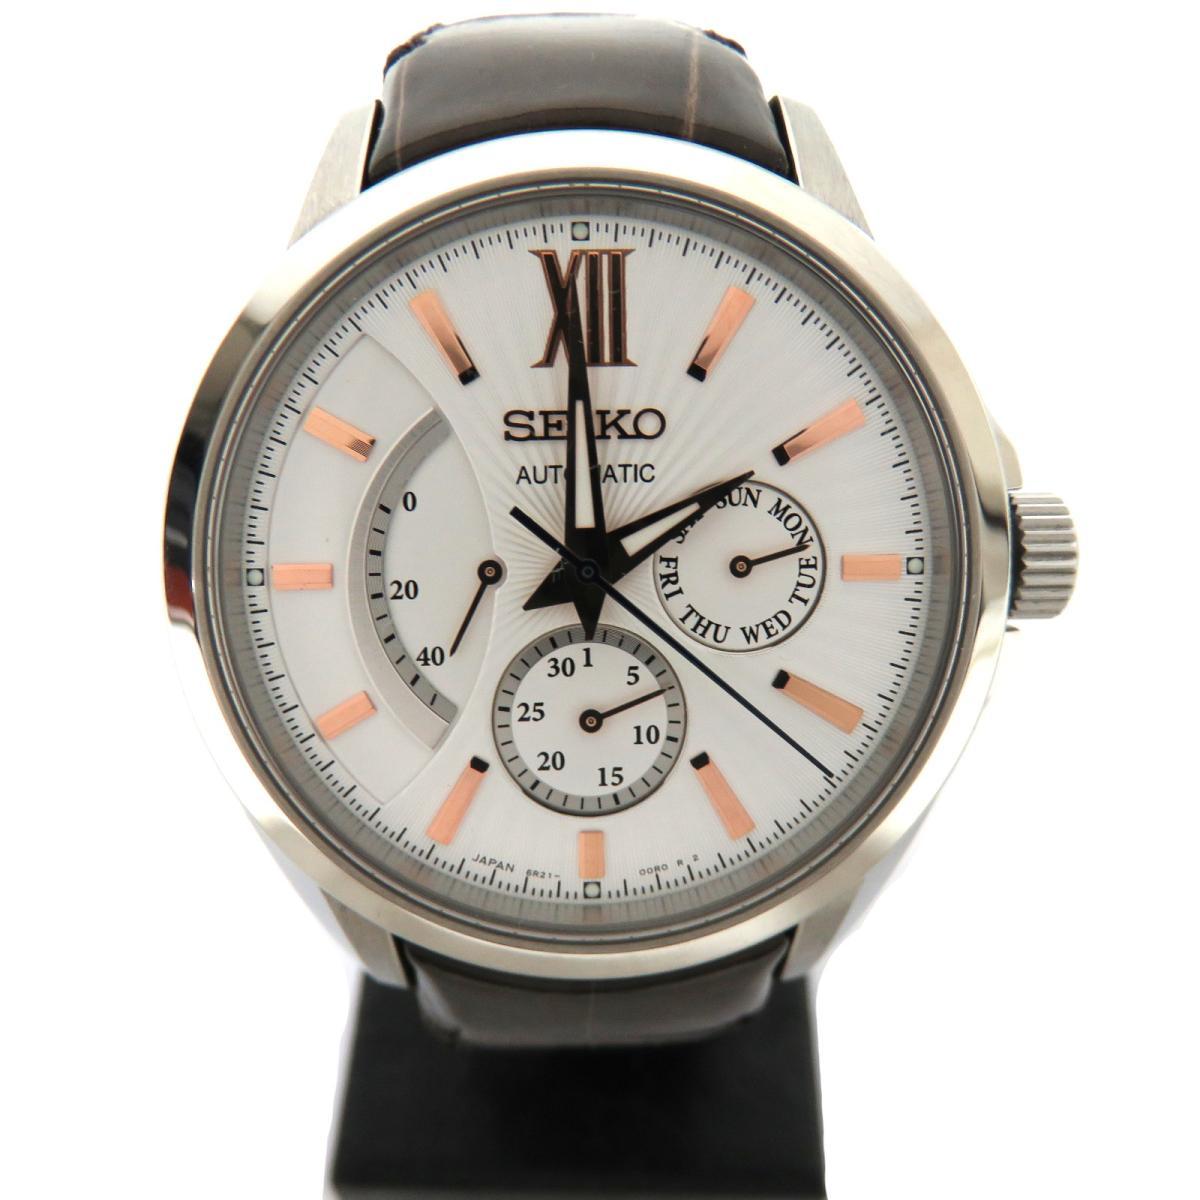 【中古】 セイコー ブライツ メンズ腕時計 メンズ レザーベルト ホワイト (SDGC025) | SEIKO BRANDOFF ブランドオフ ブランド ブランド時計 ブランド腕時計 腕時計 時計 ウォッチ